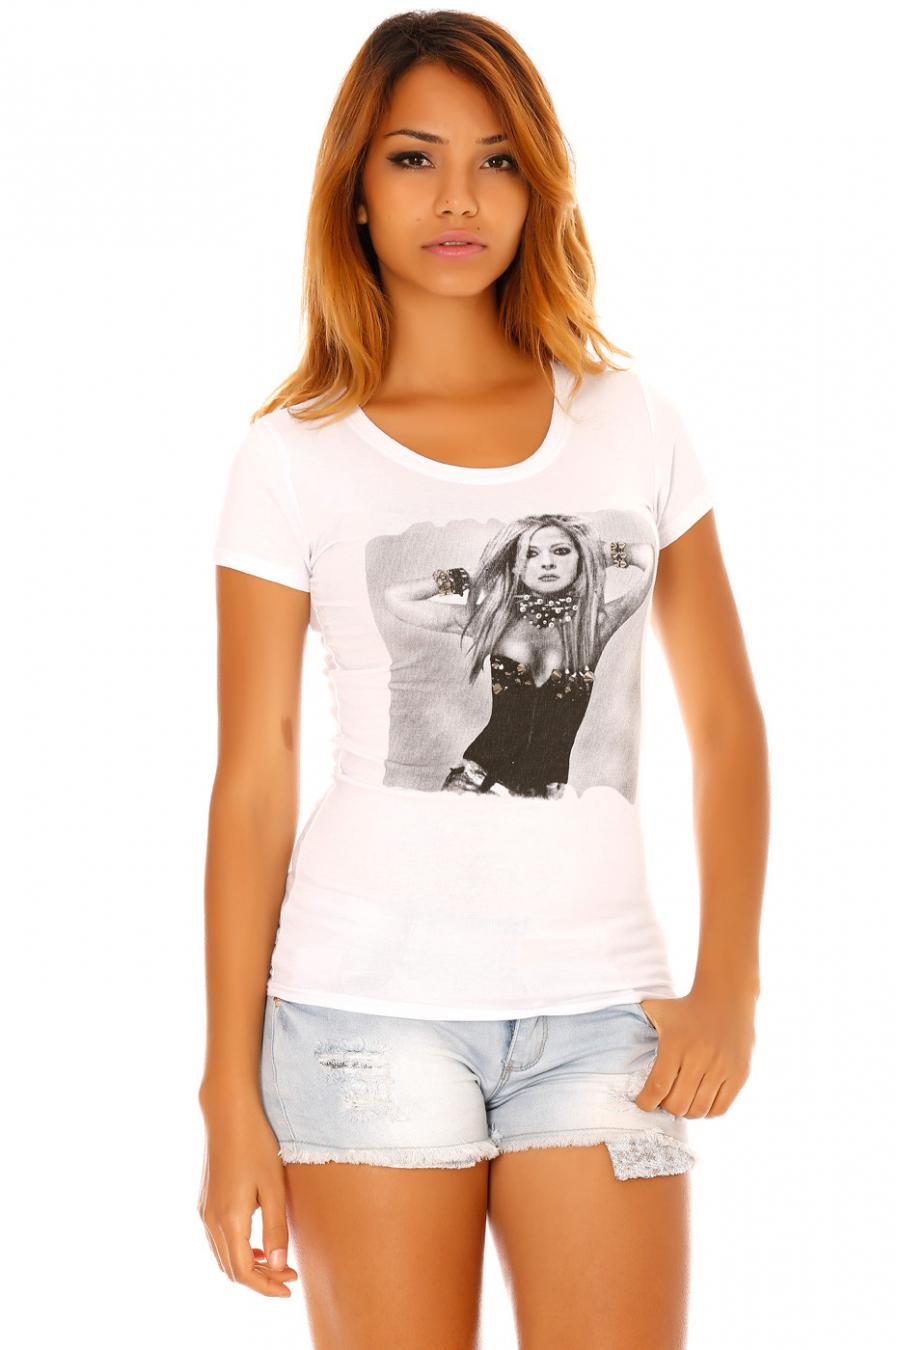 Wit T-shirt met fotoprint van Avril Lavigne met zilveren spikes. SW201224